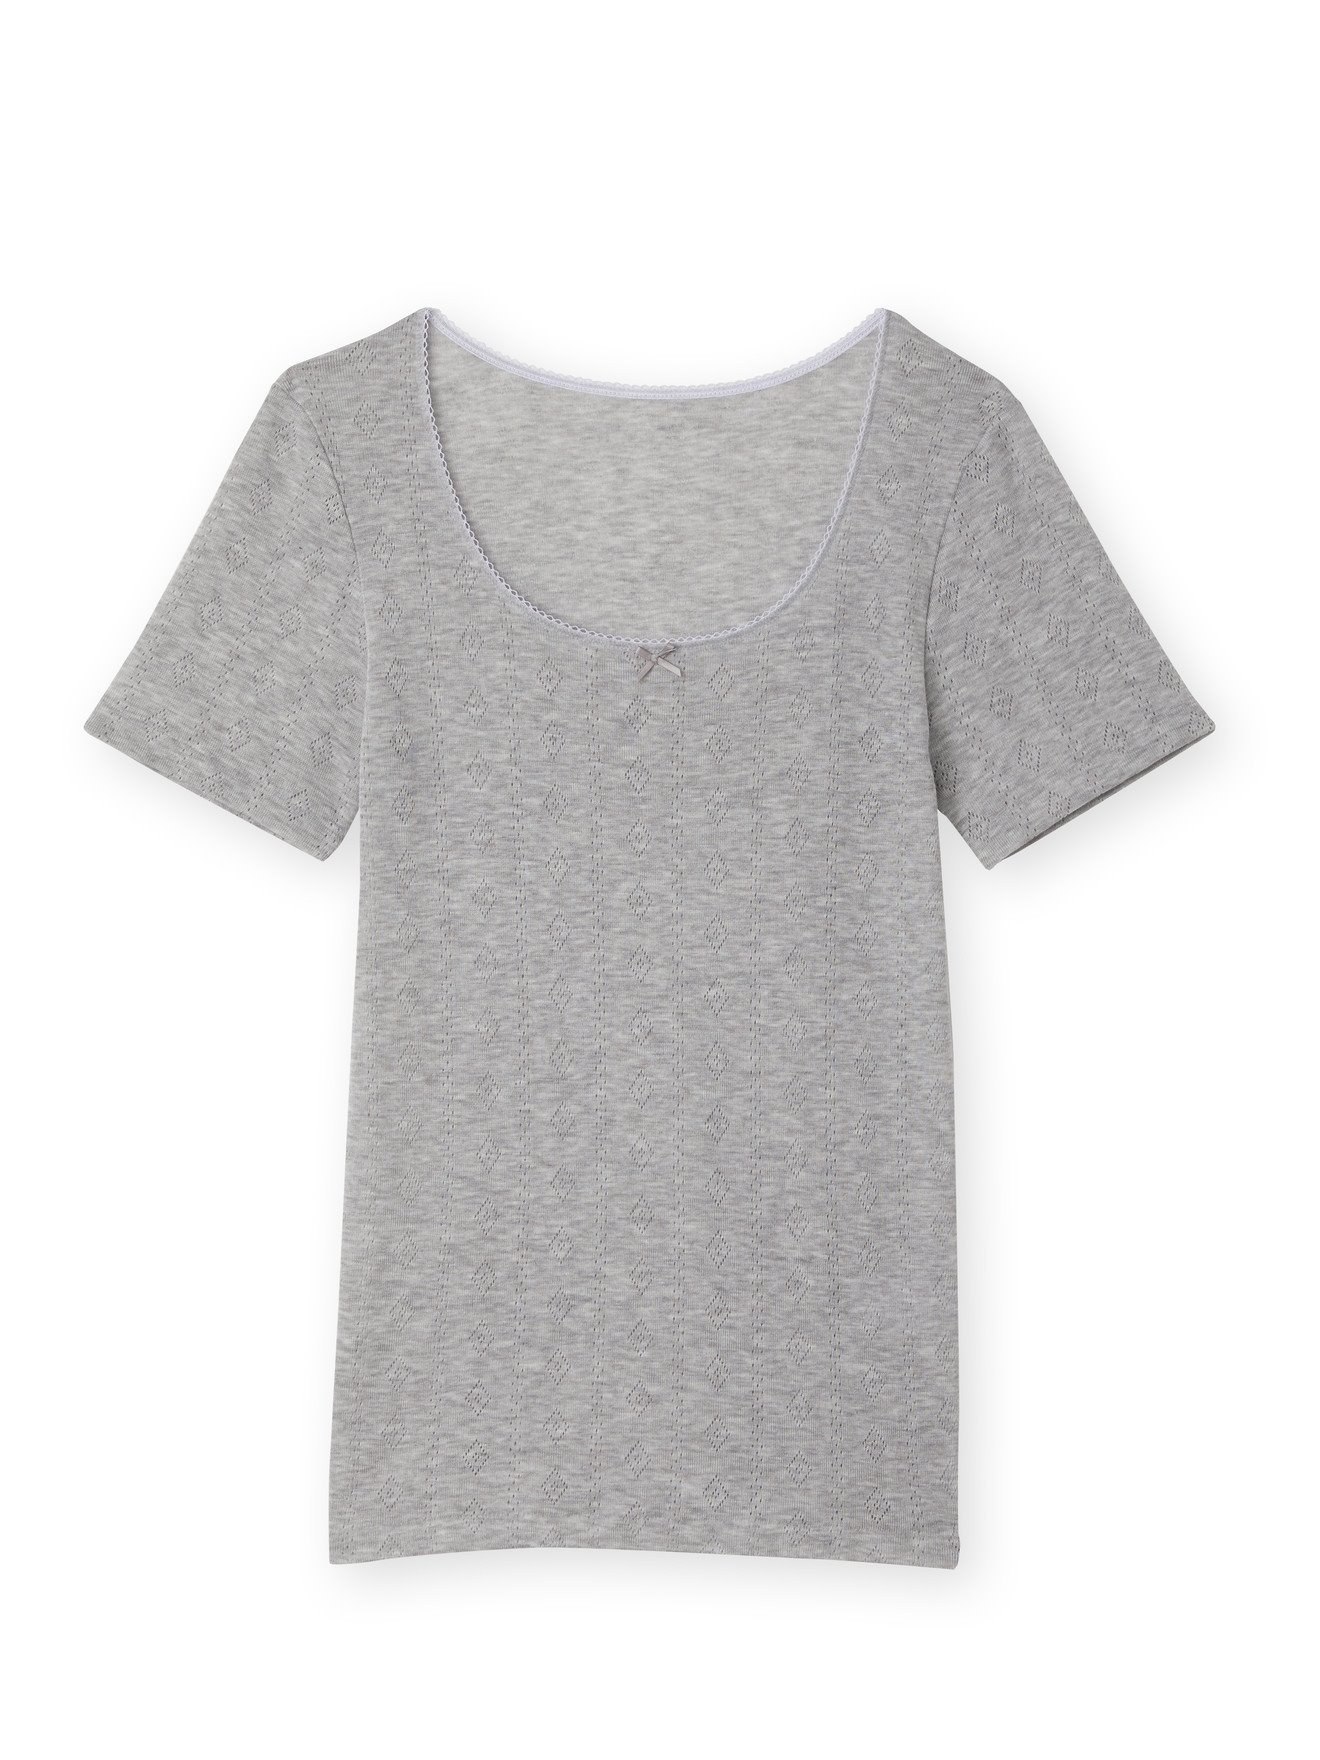 BALSAMIK Chemises de corps Gris Taille : 46/48